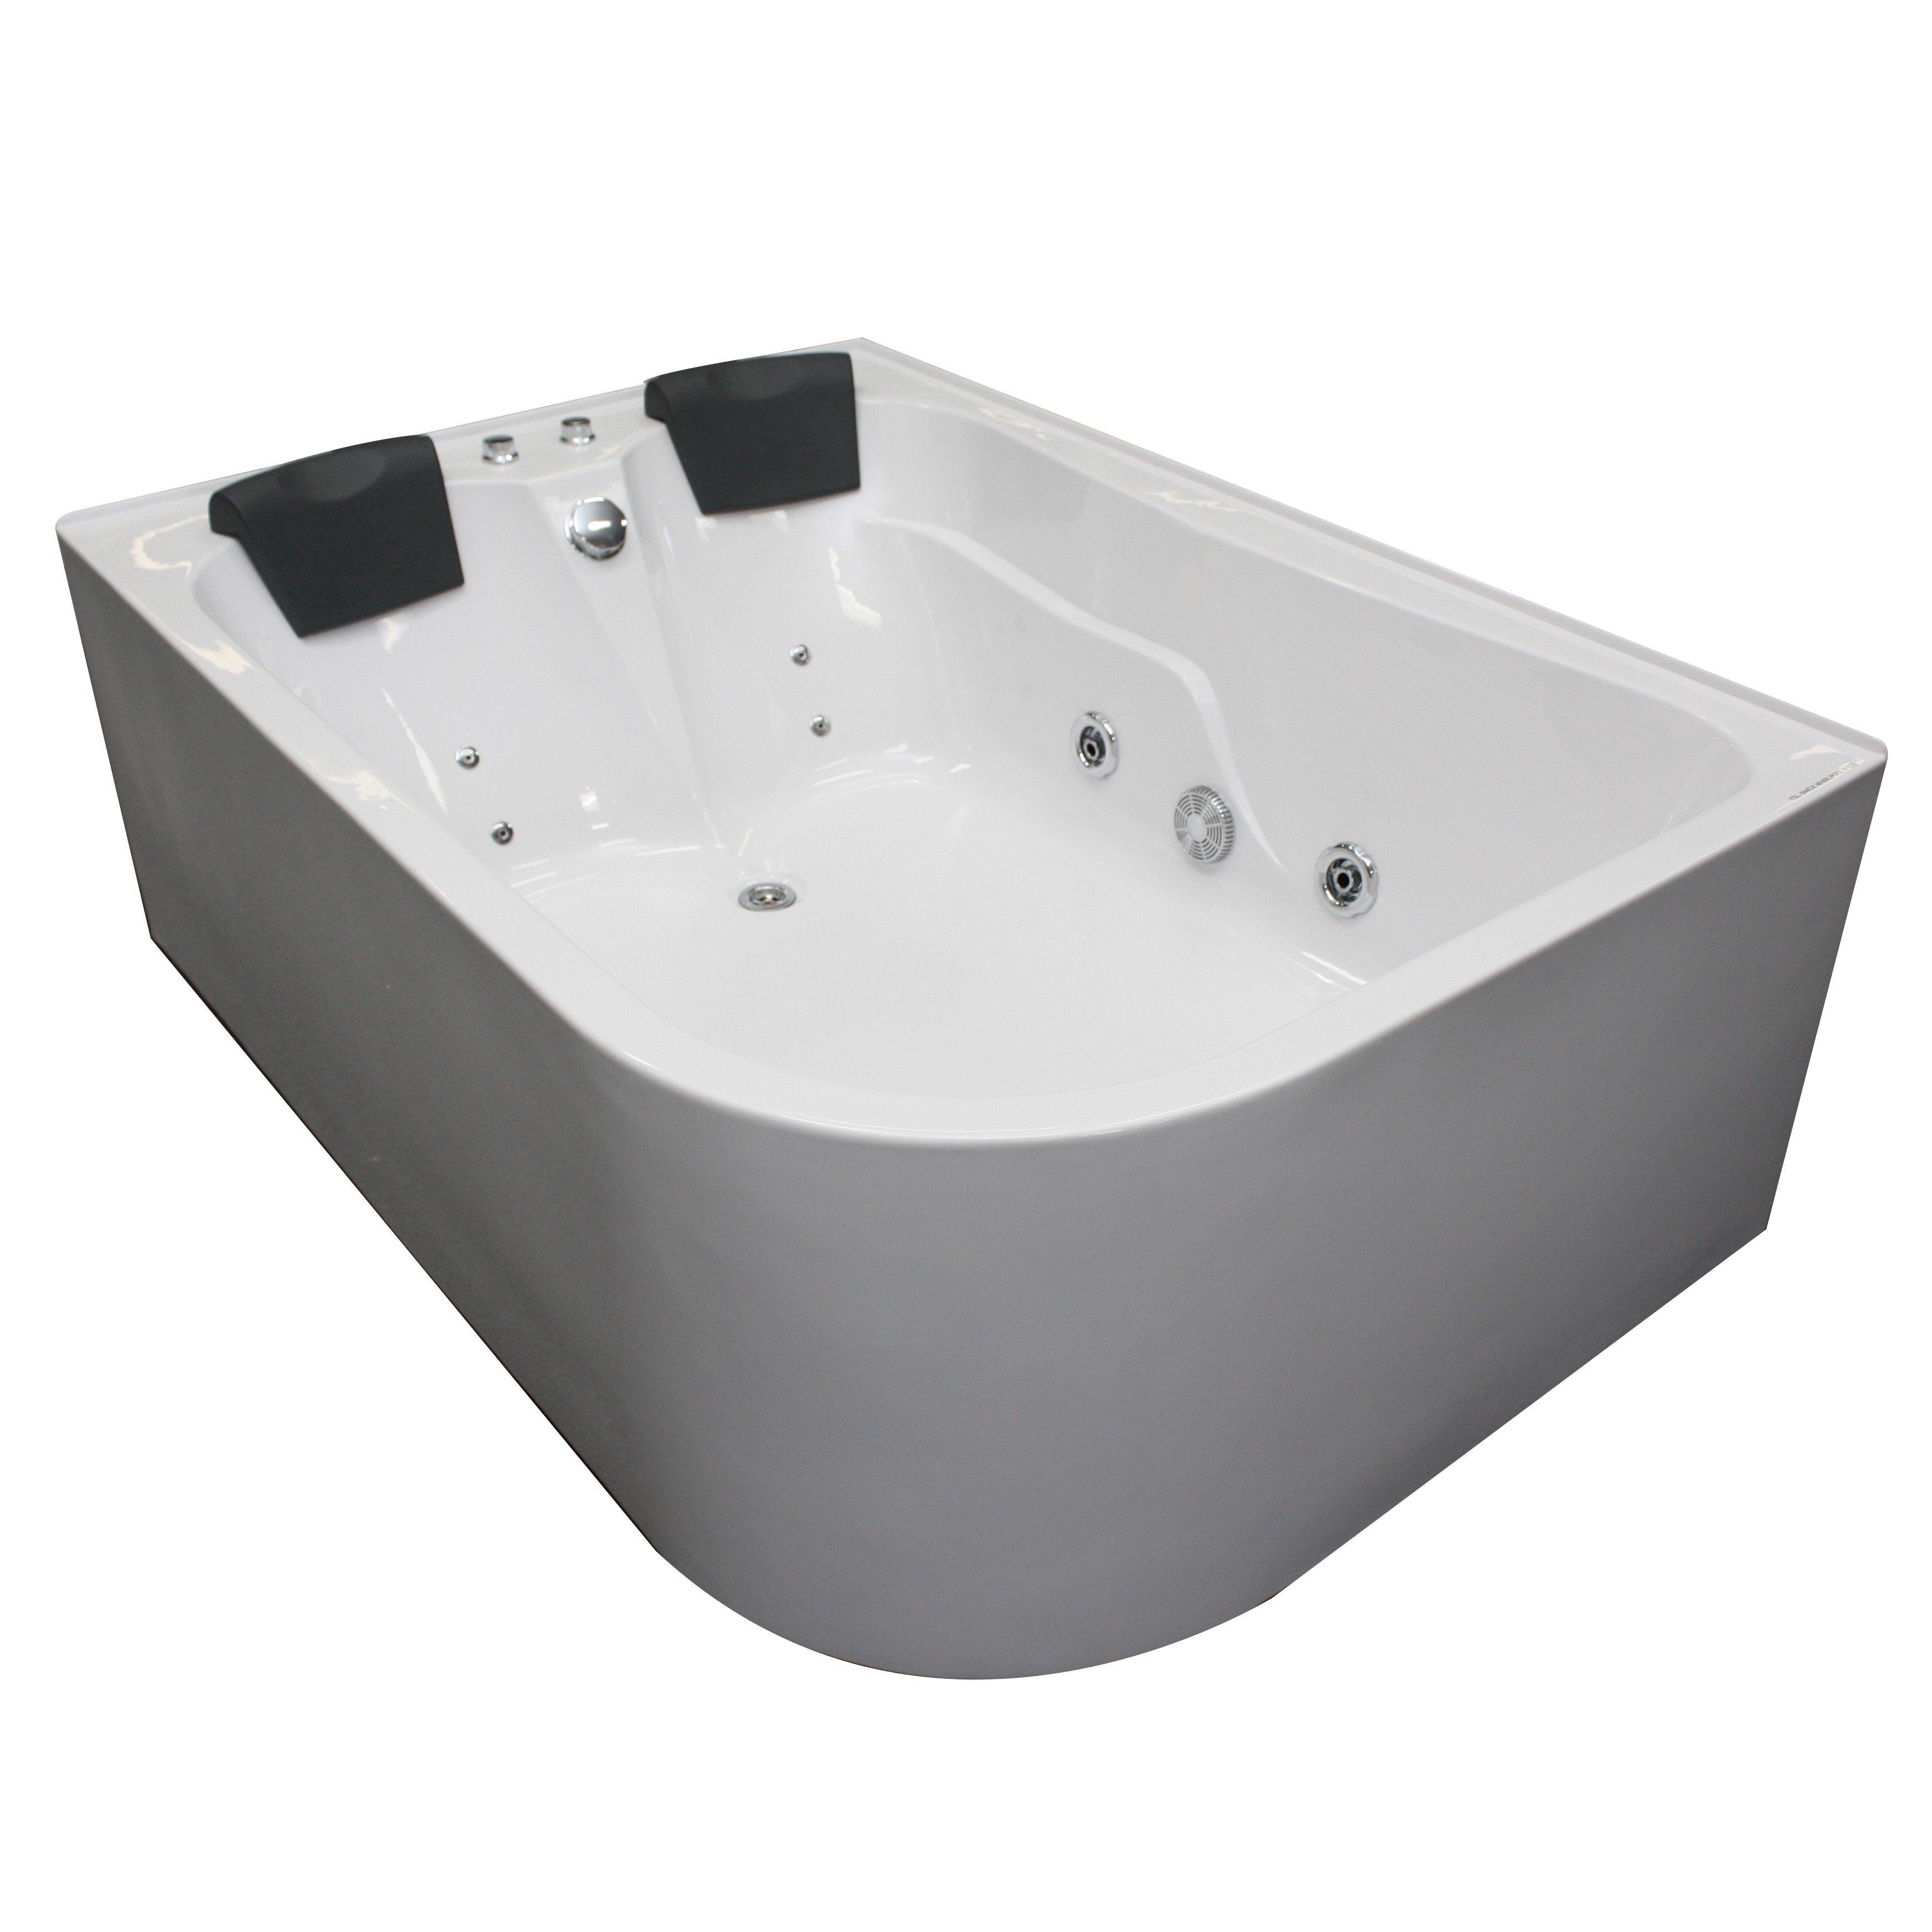 Gemini Freestanding Spa Bath RHS 1700mm - $1599, http://www ...